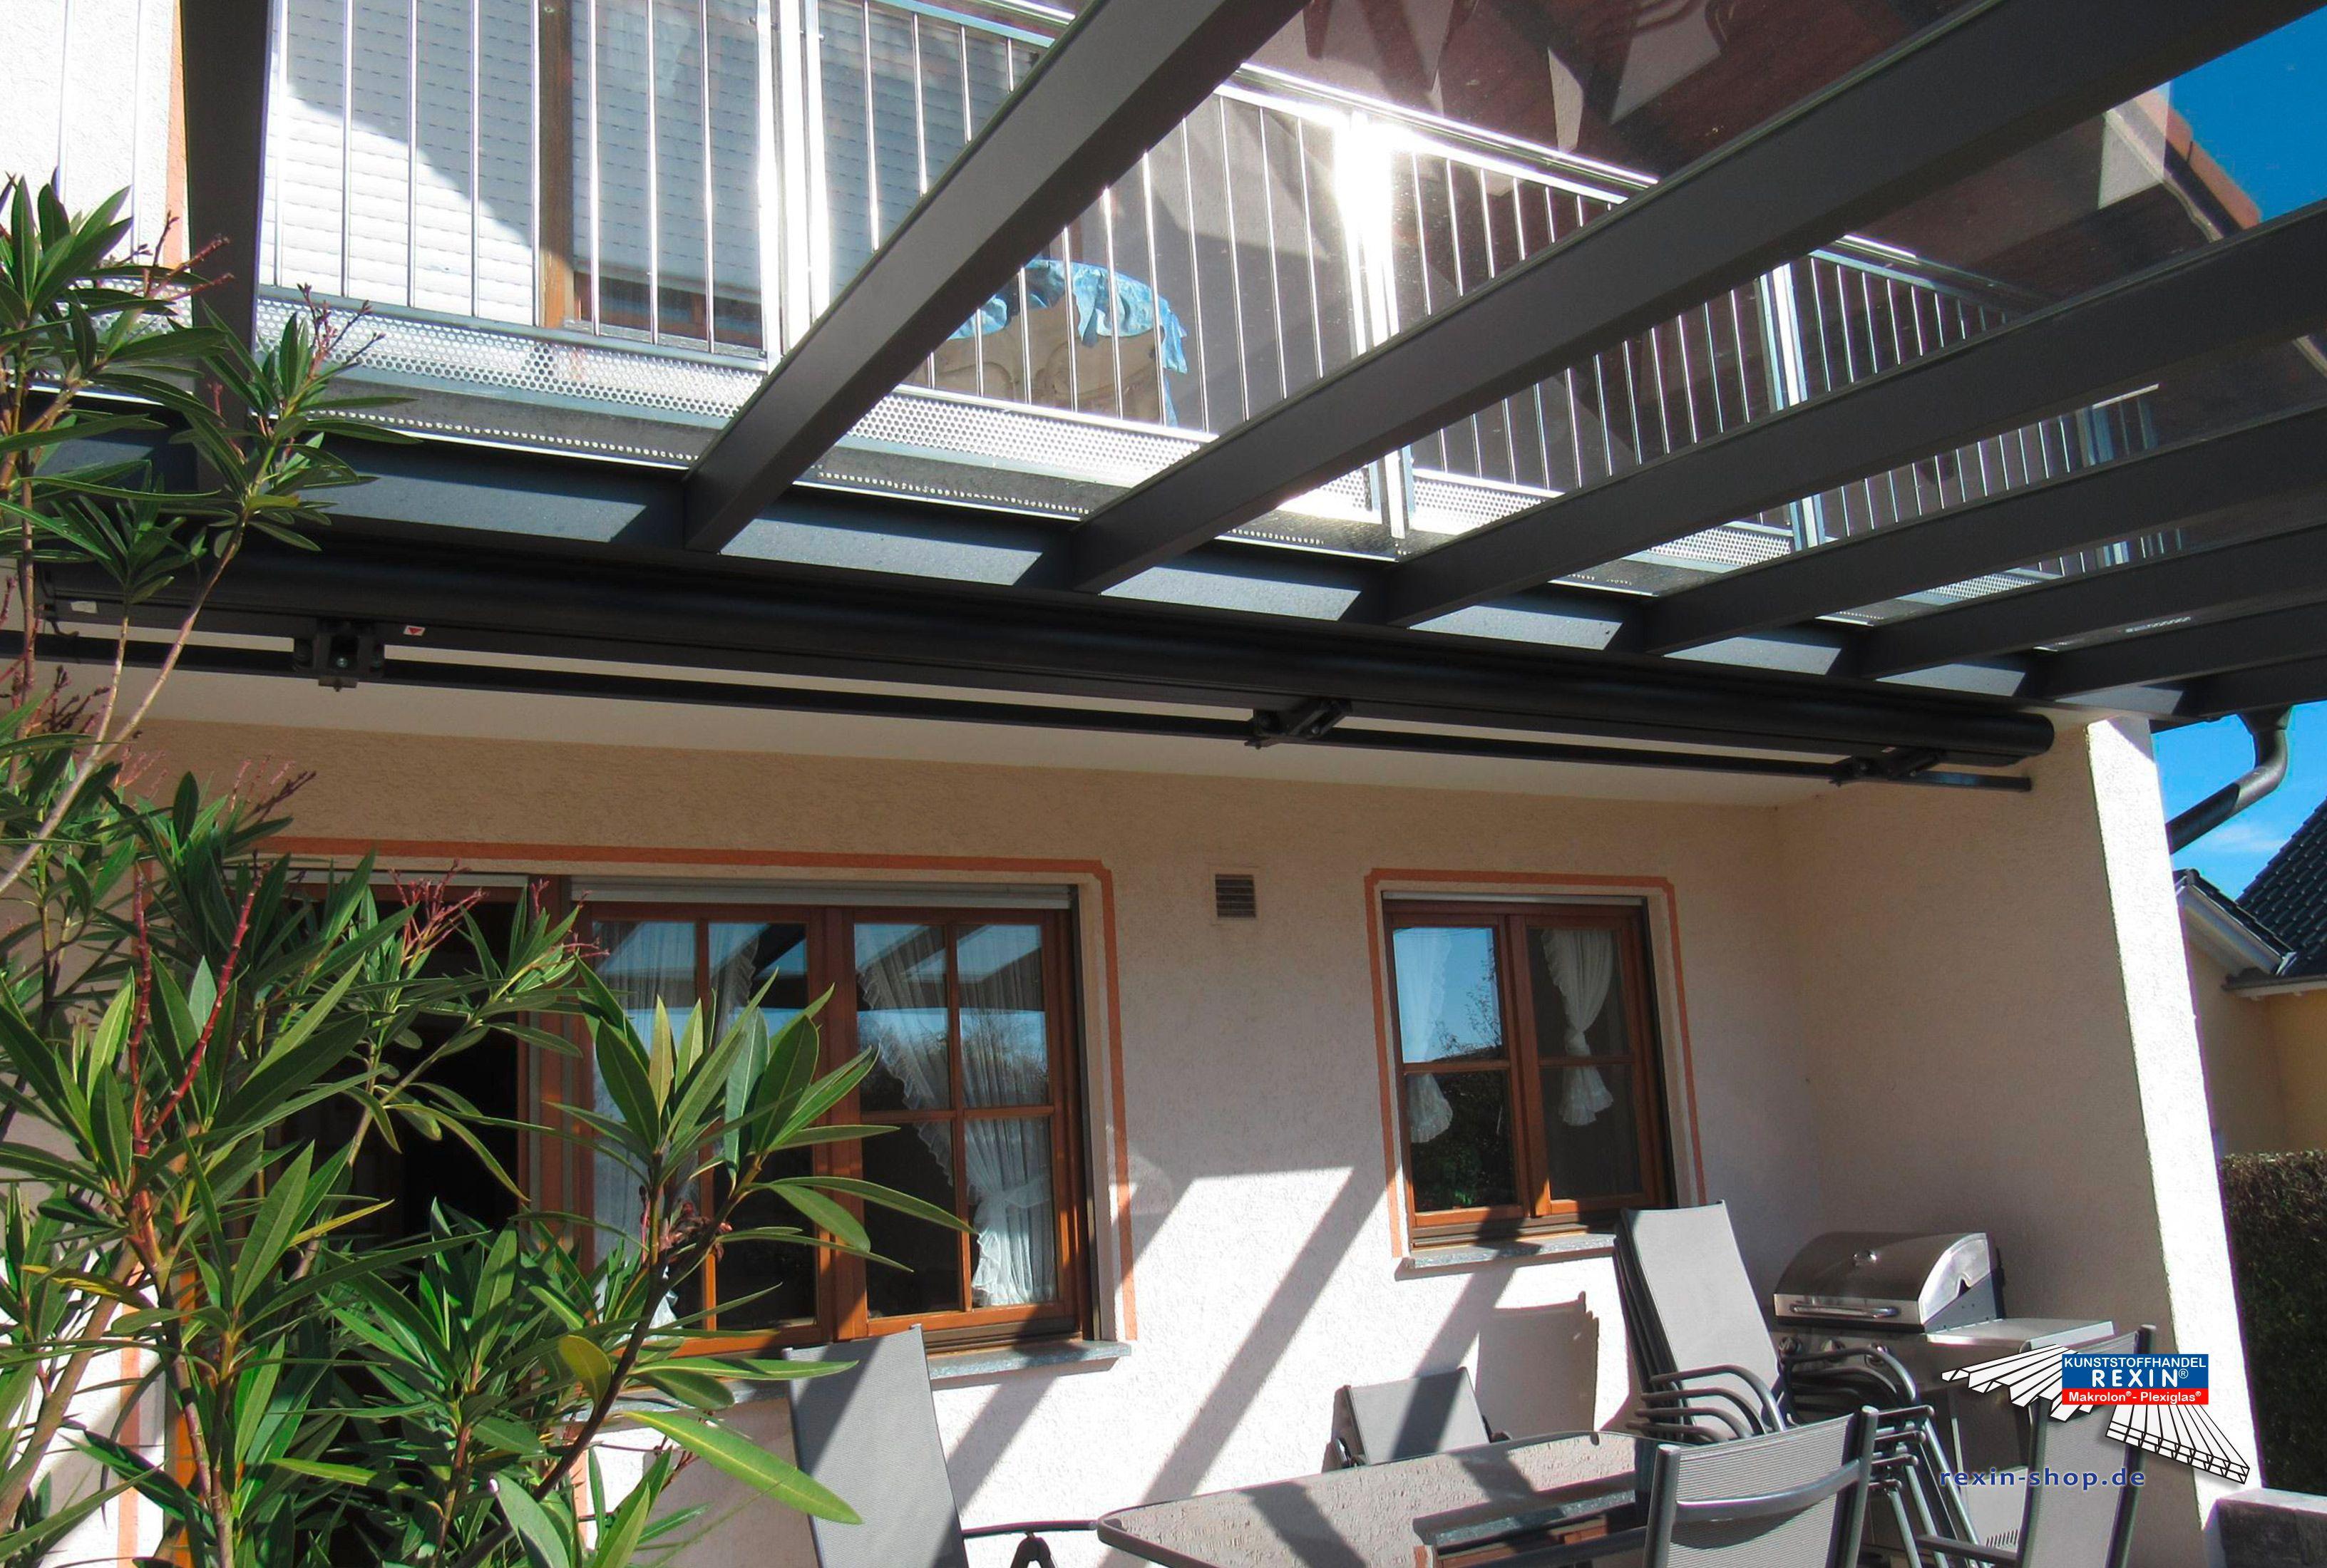 Ein AluTerrassendach der Marke REXOpremium anthrazit 6m x